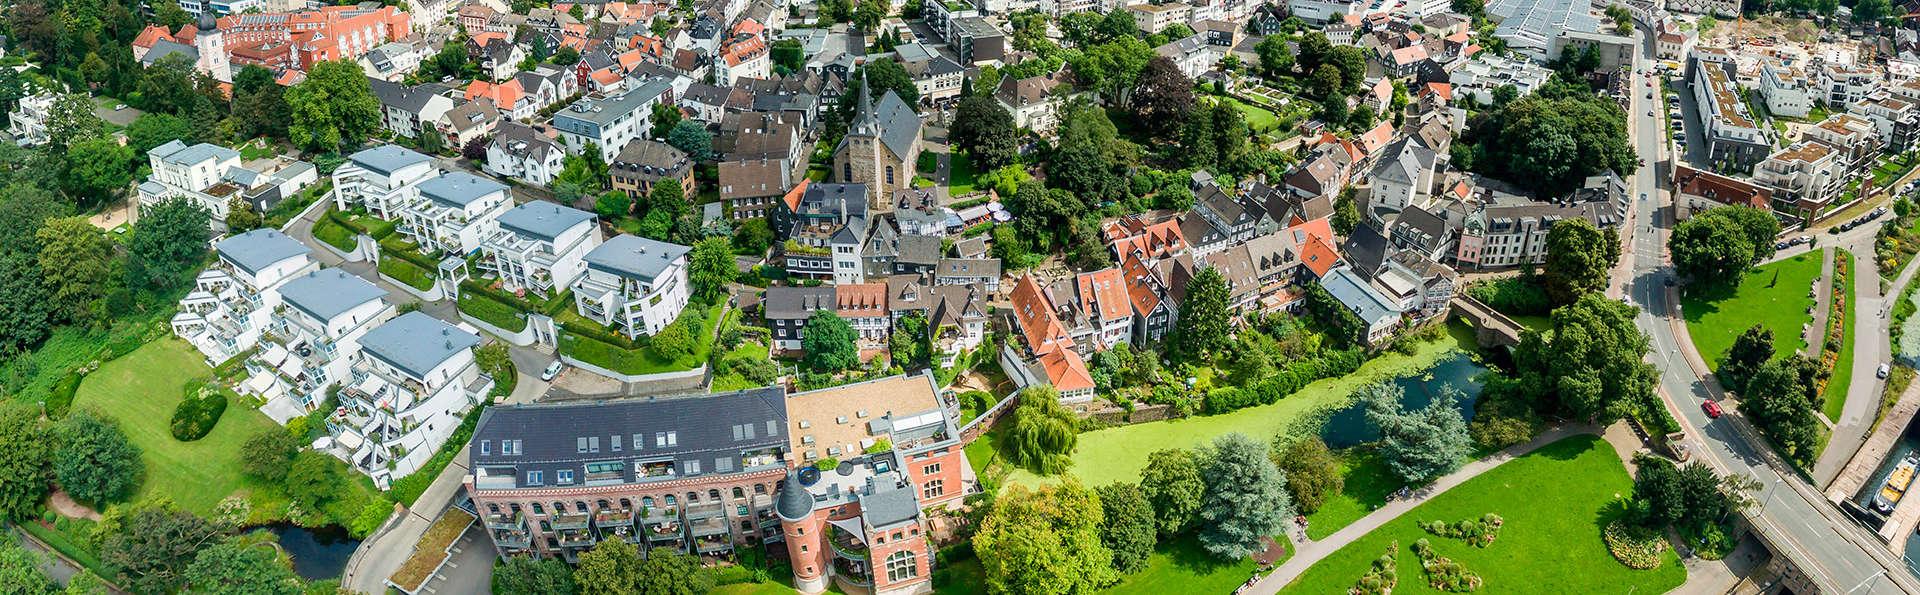 Beleef de weekend in de prachtige stad Essen (vanaf 2 nachten)